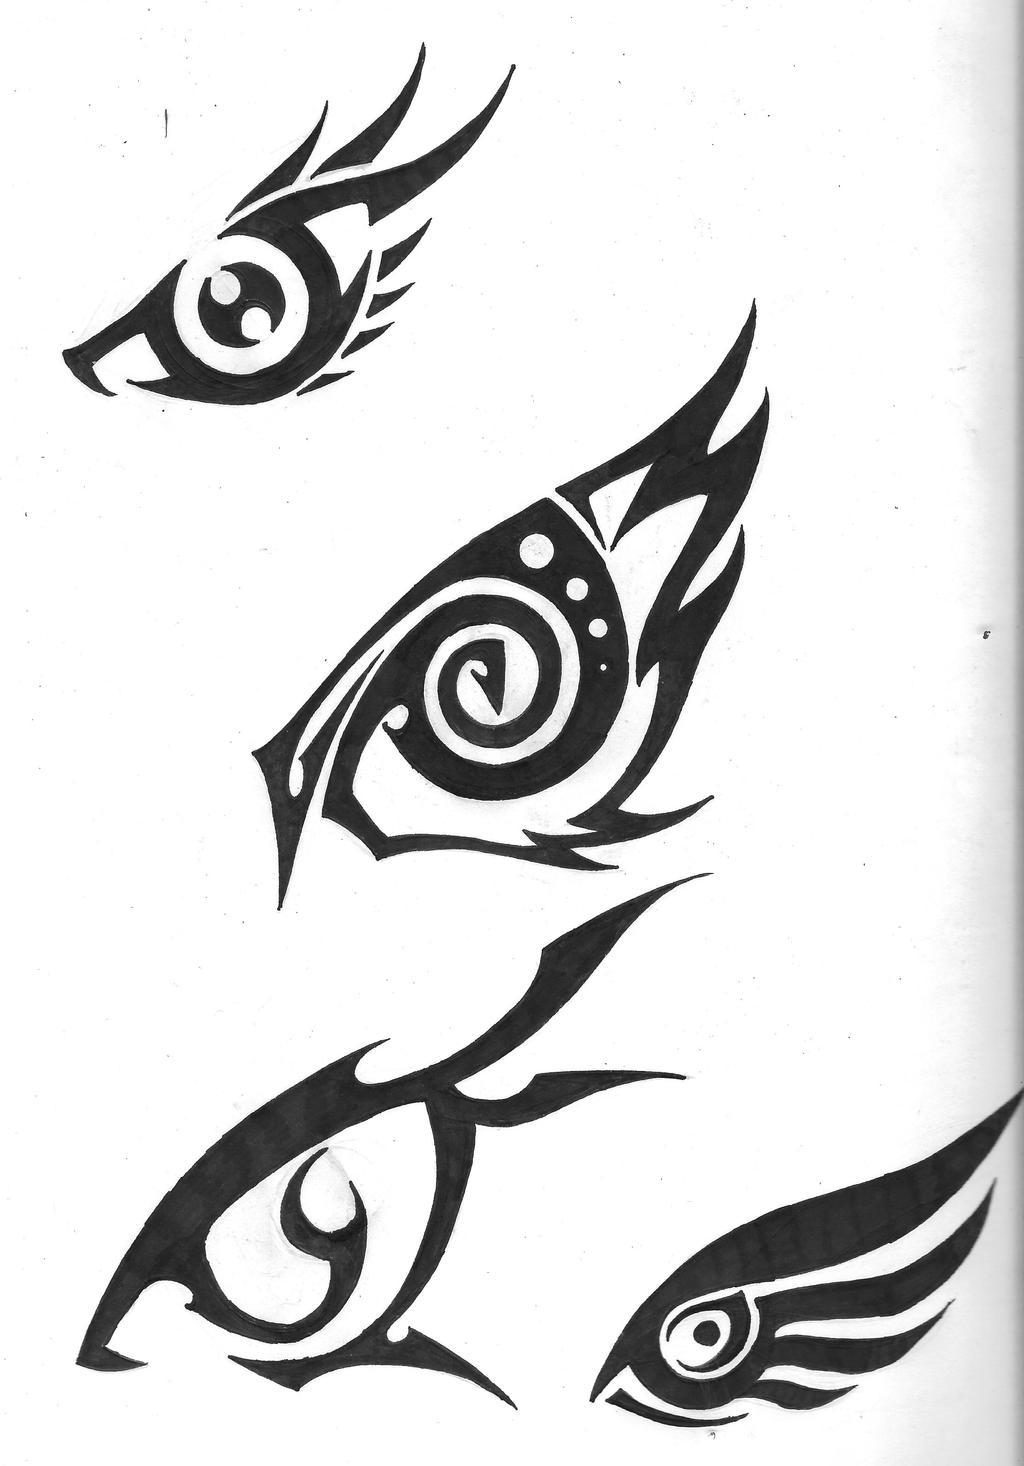 Ojos by Darkchaser